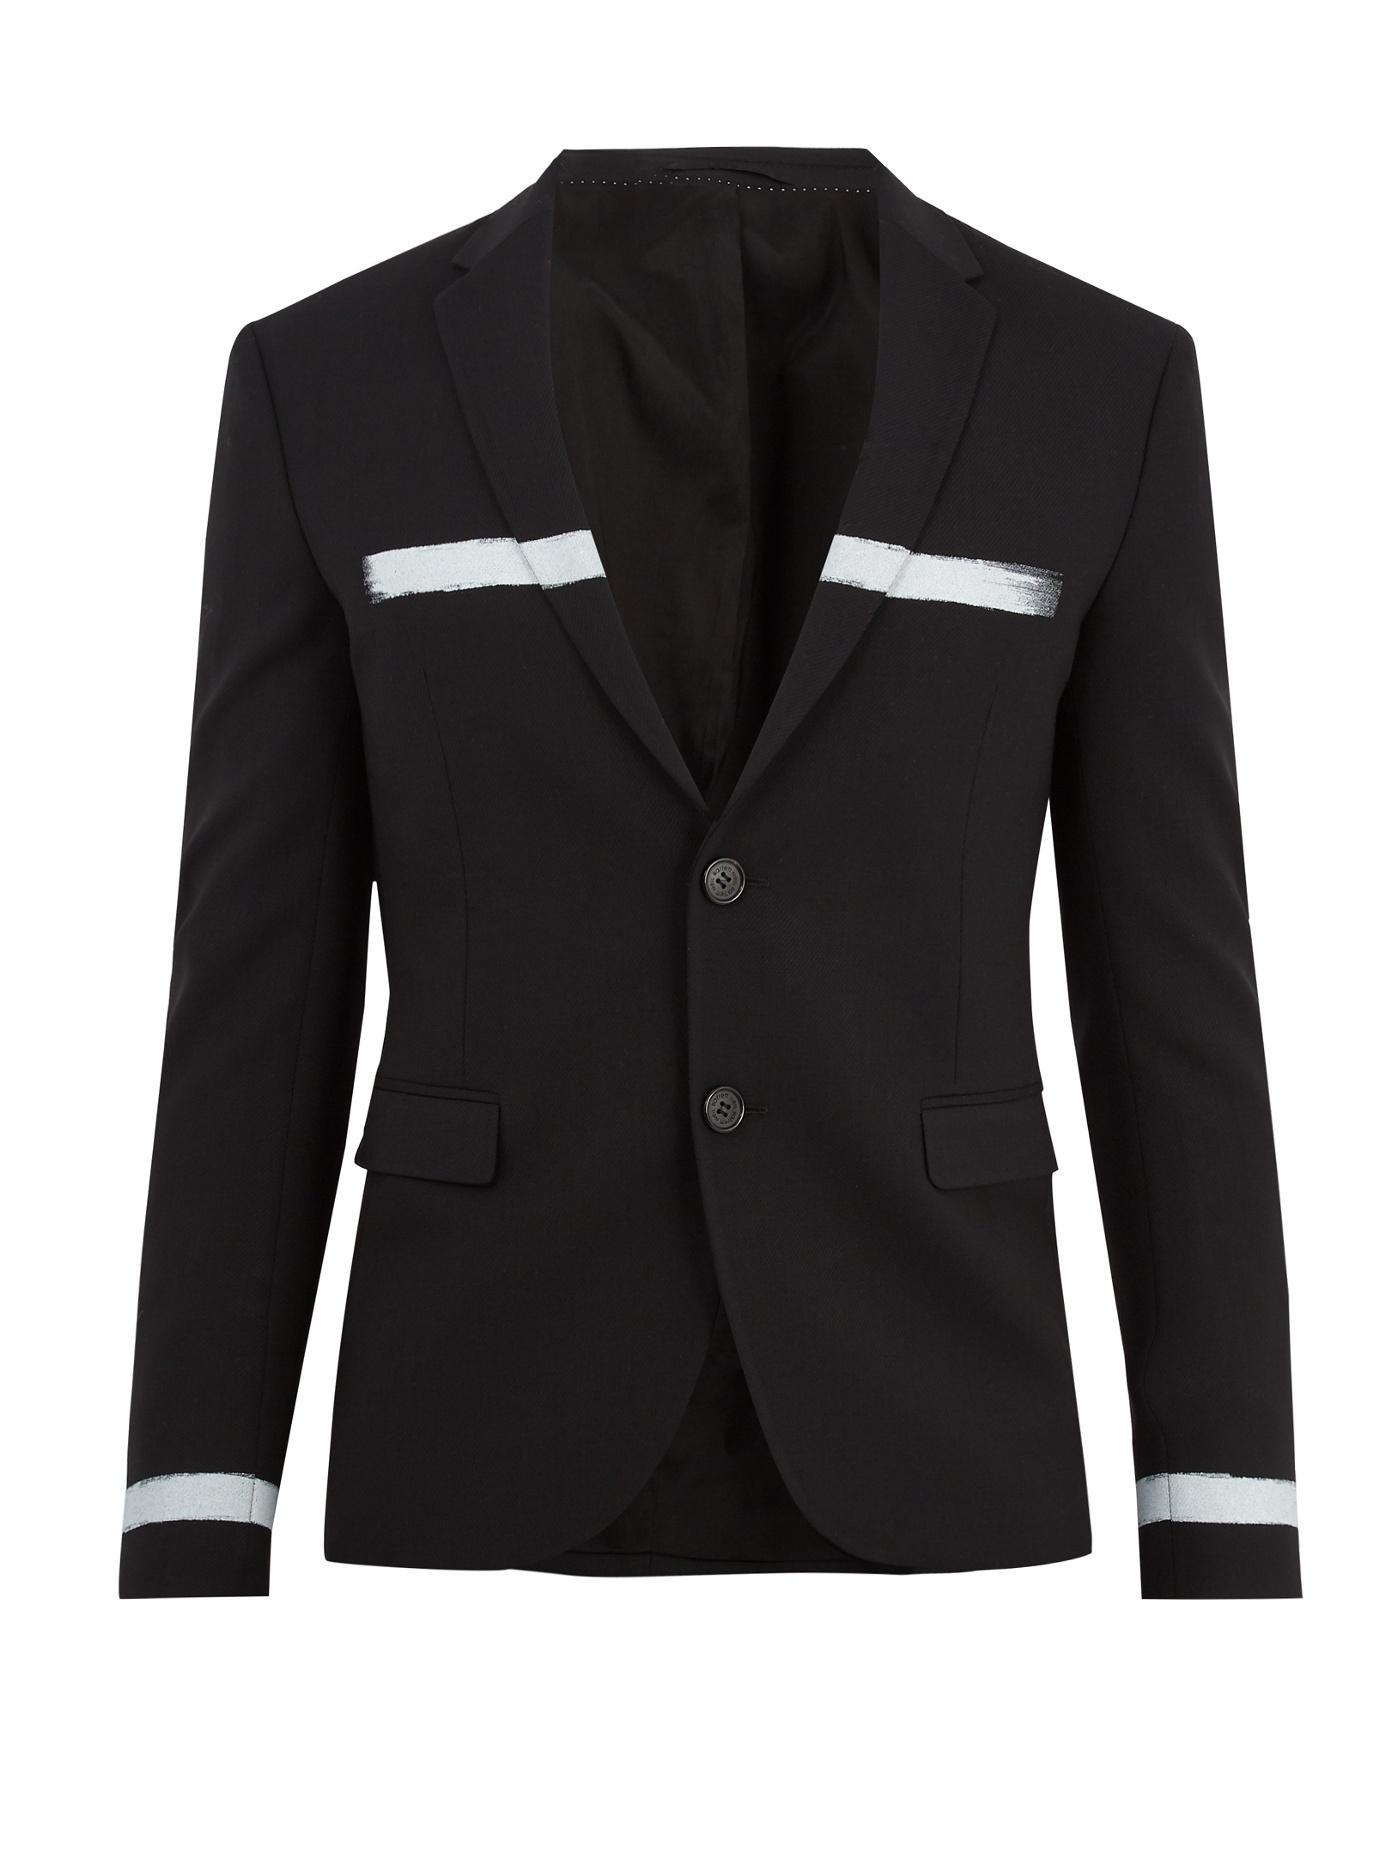 Neil Barrett Paint-Stroke Single-Breasted Stretch-Wool Blazer In Black